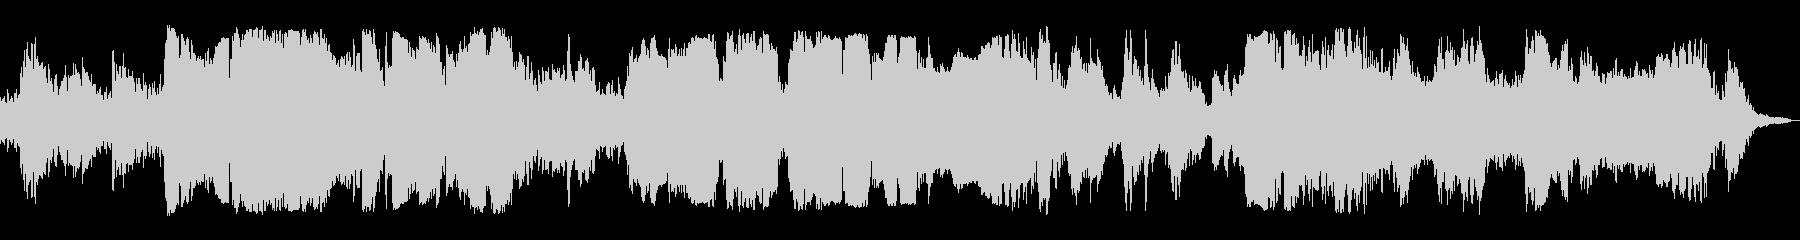 ハープとオカリナの優しいヒーリング曲の未再生の波形